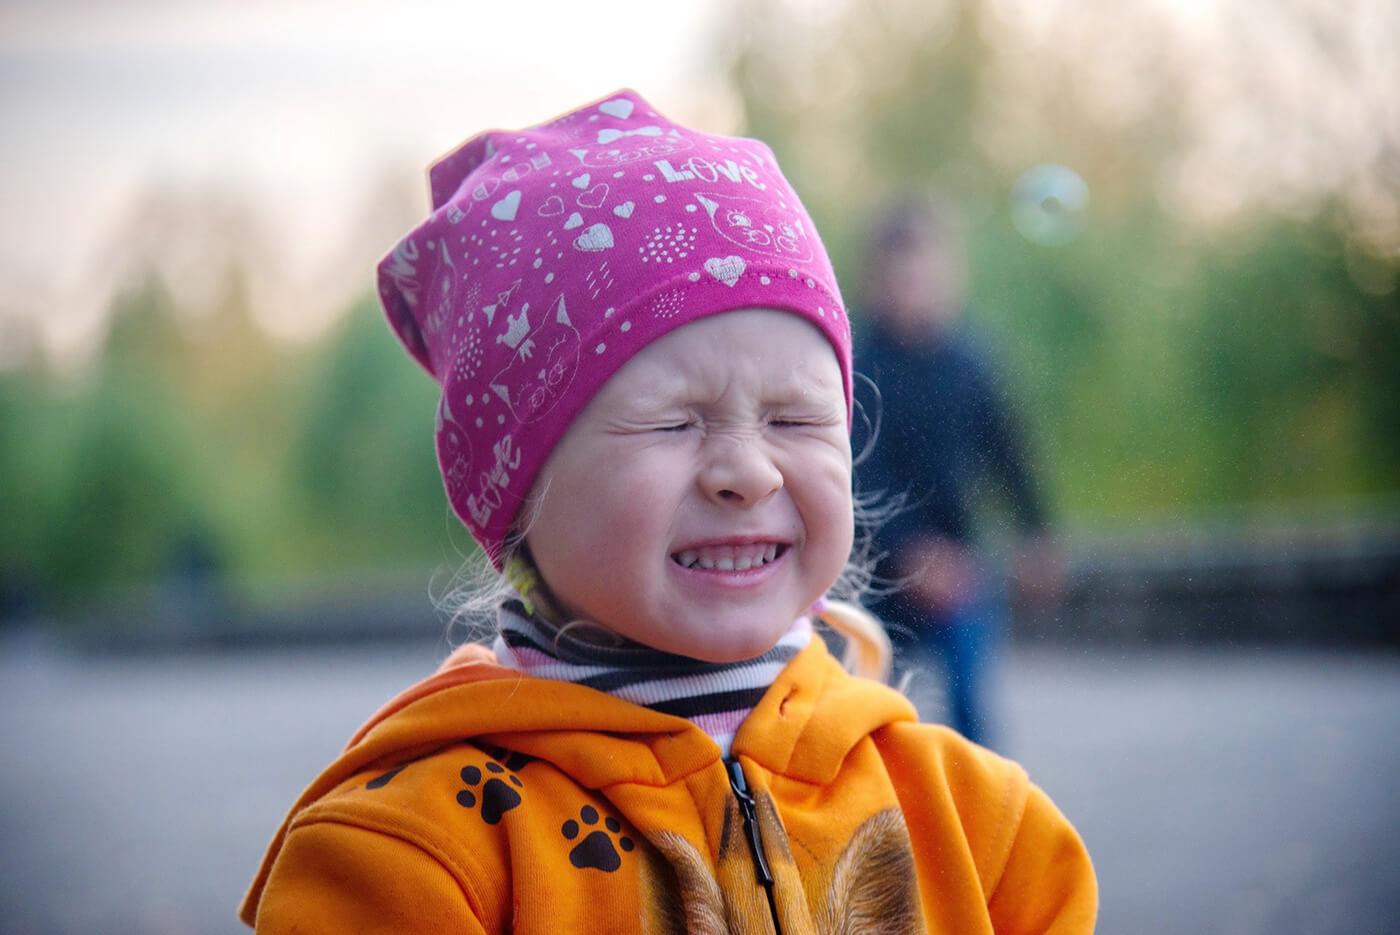 Powrót do świata dźwięków. Gdy Twoje dziecko ma kłopoty ze słuchem – co robić?